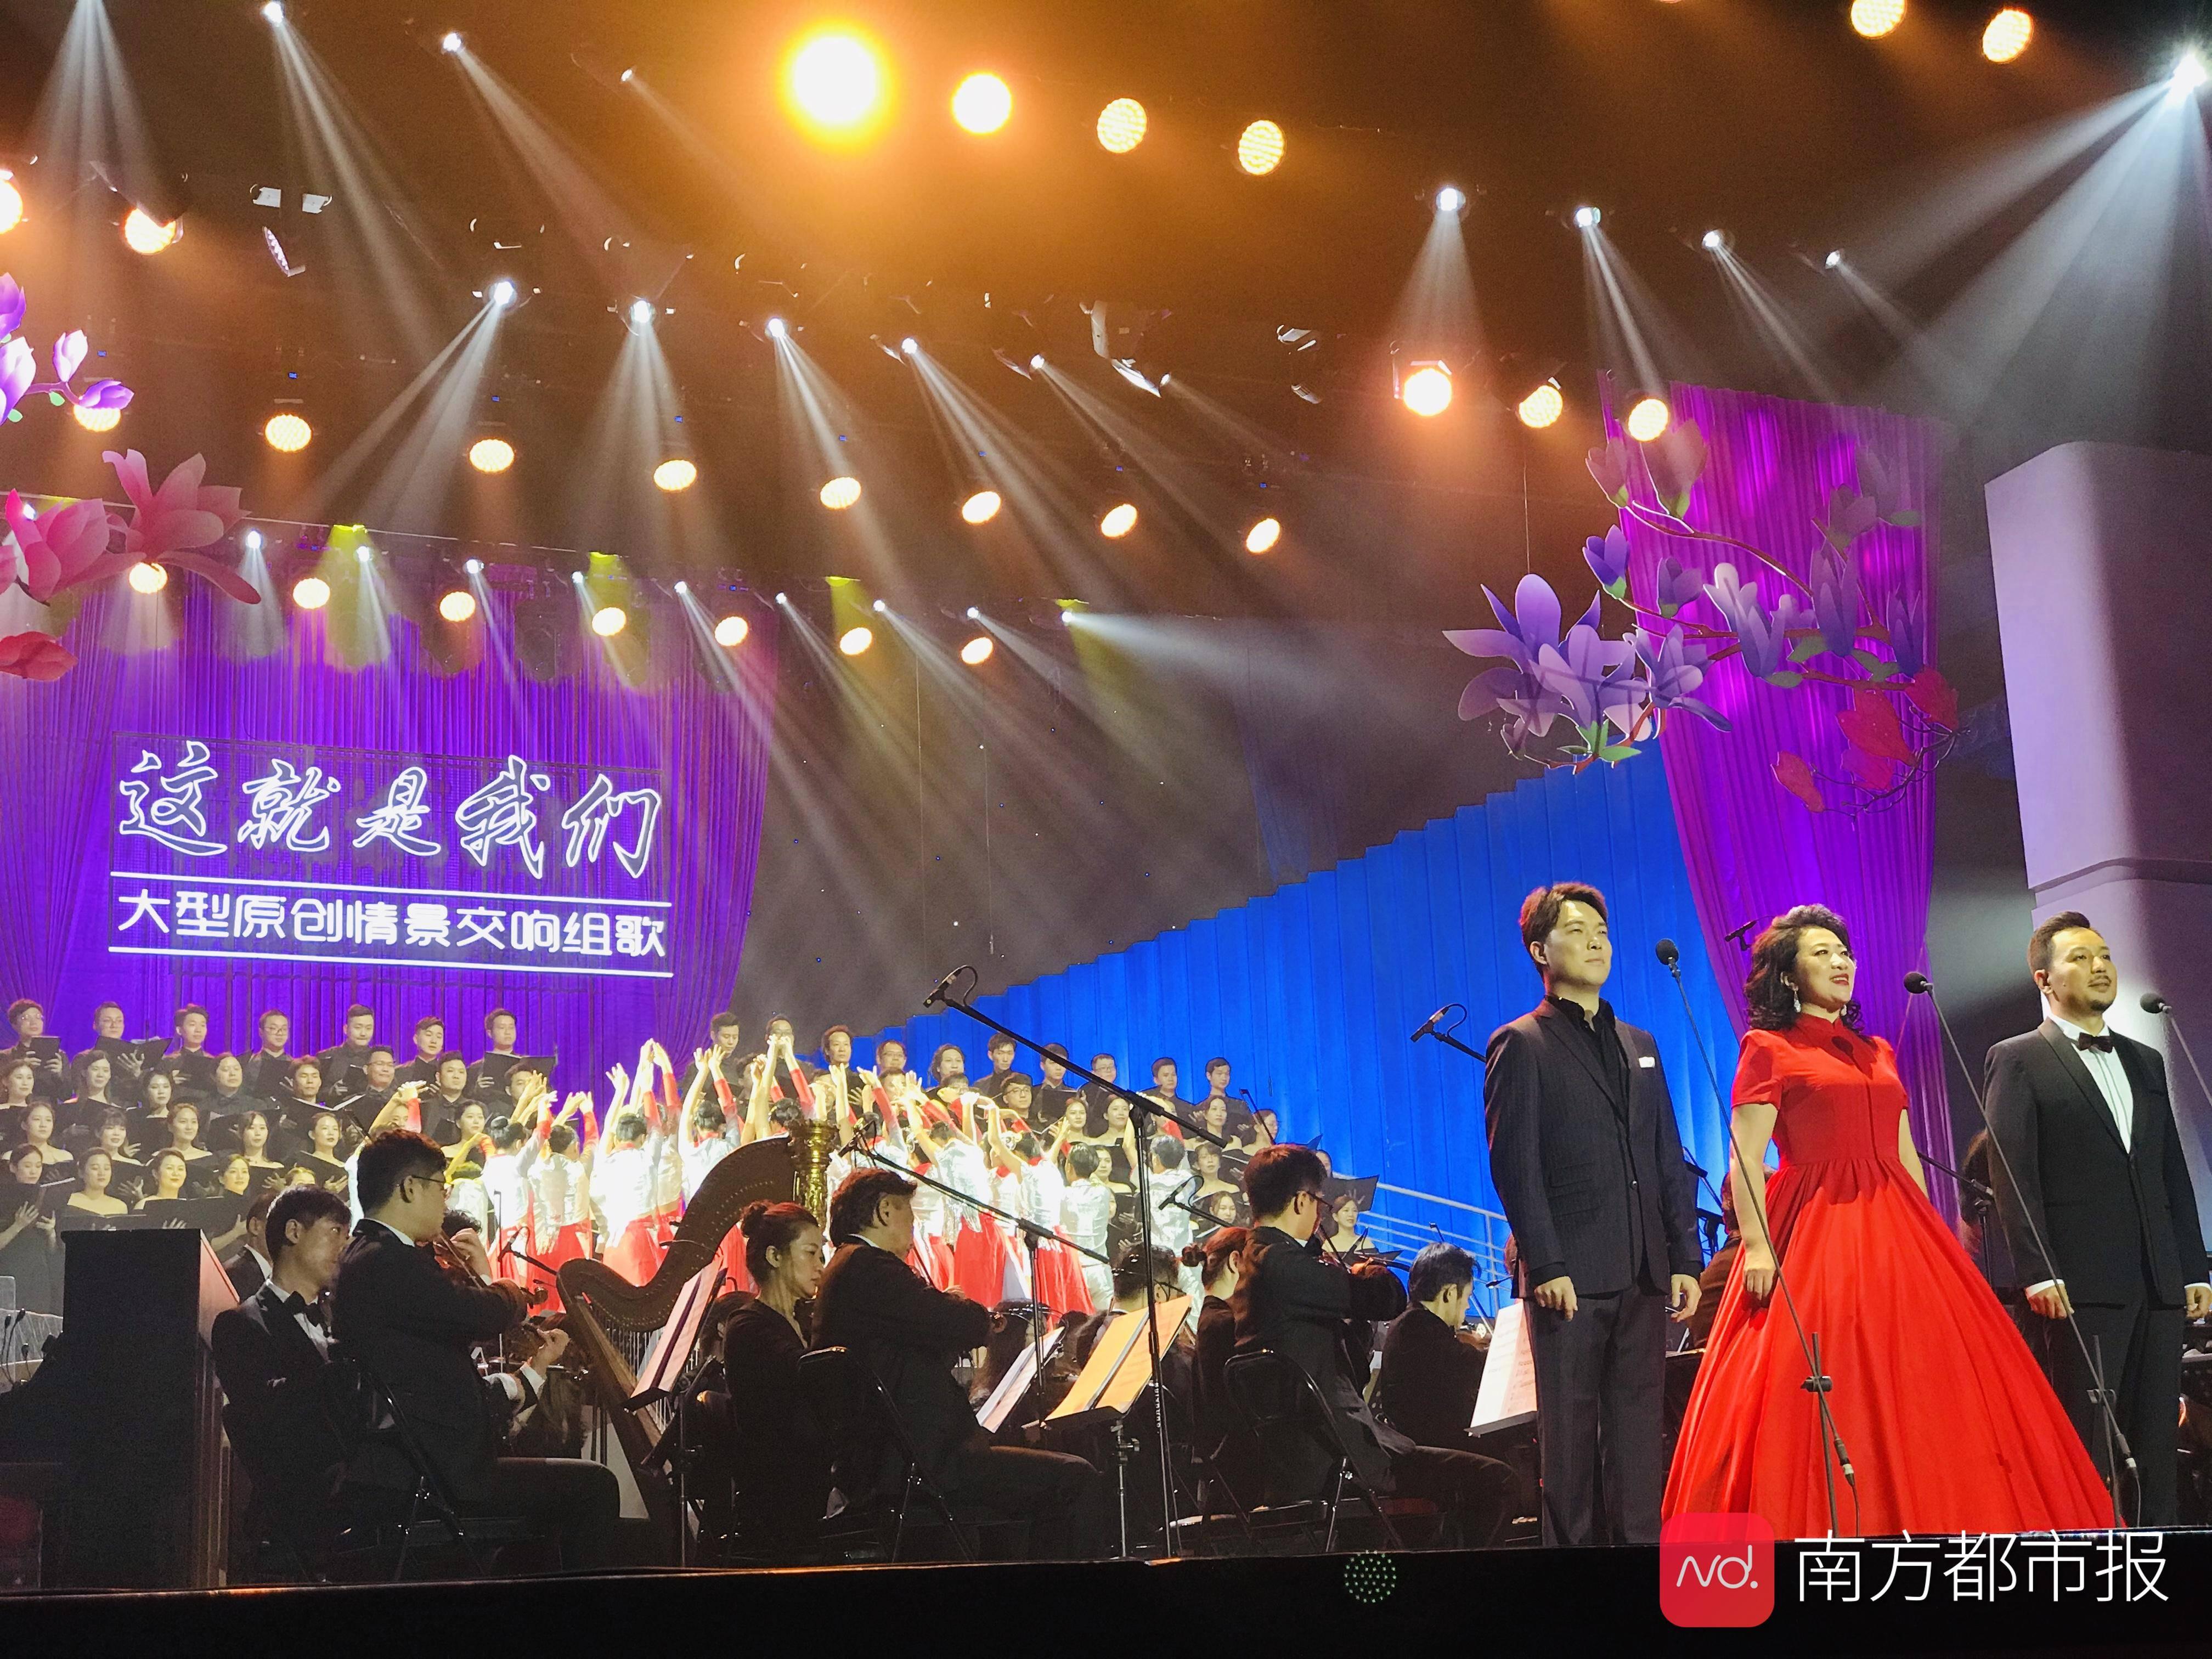 300余位音乐家齐聚佛山,交响组歌《这就是我们》首演